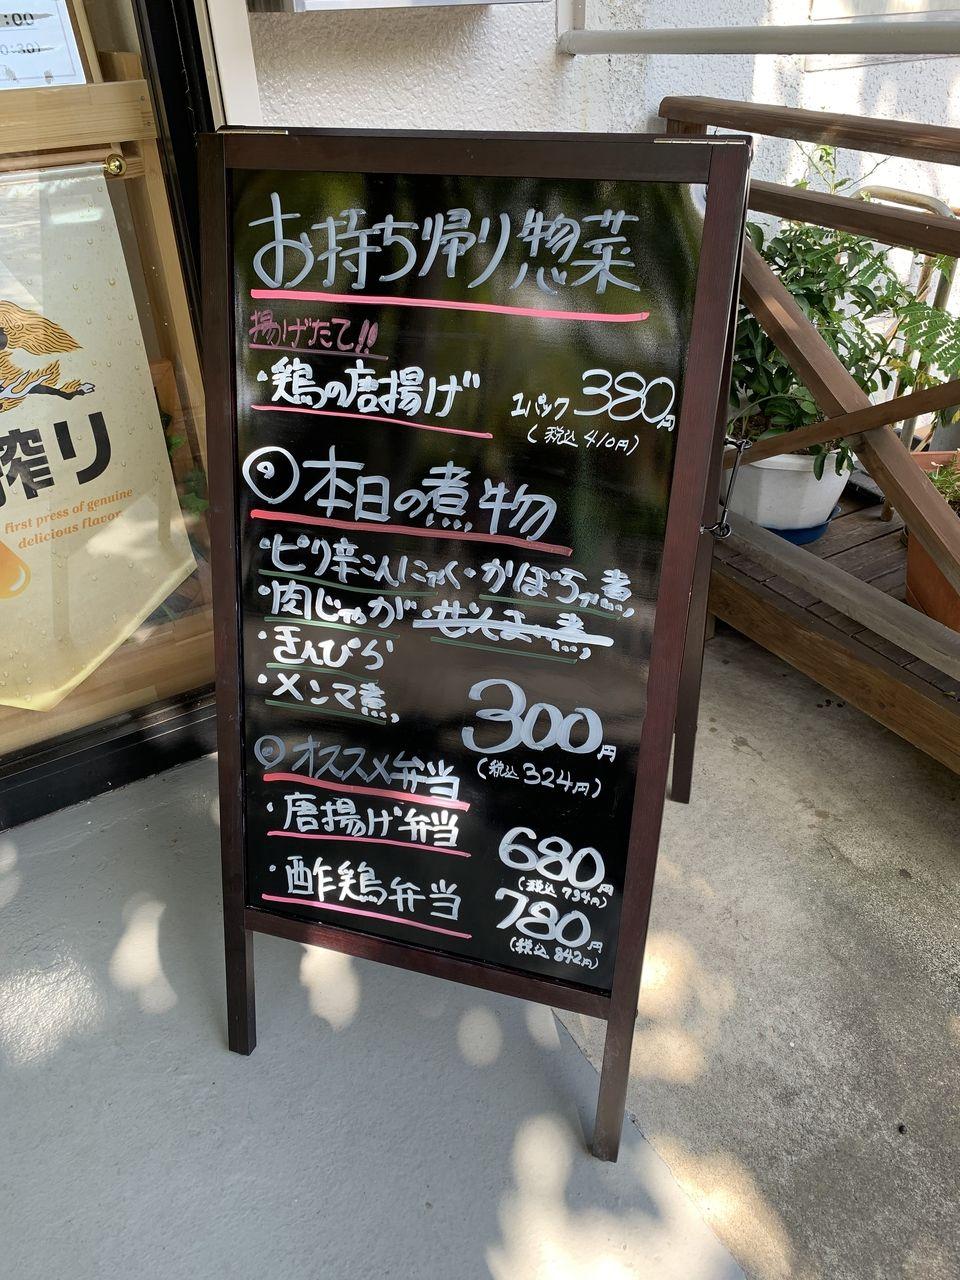 【三郷市食べ歩きブログ】三郷市早稲田7丁目にオープンしました「食堂きはら」さんへ行ってきました!